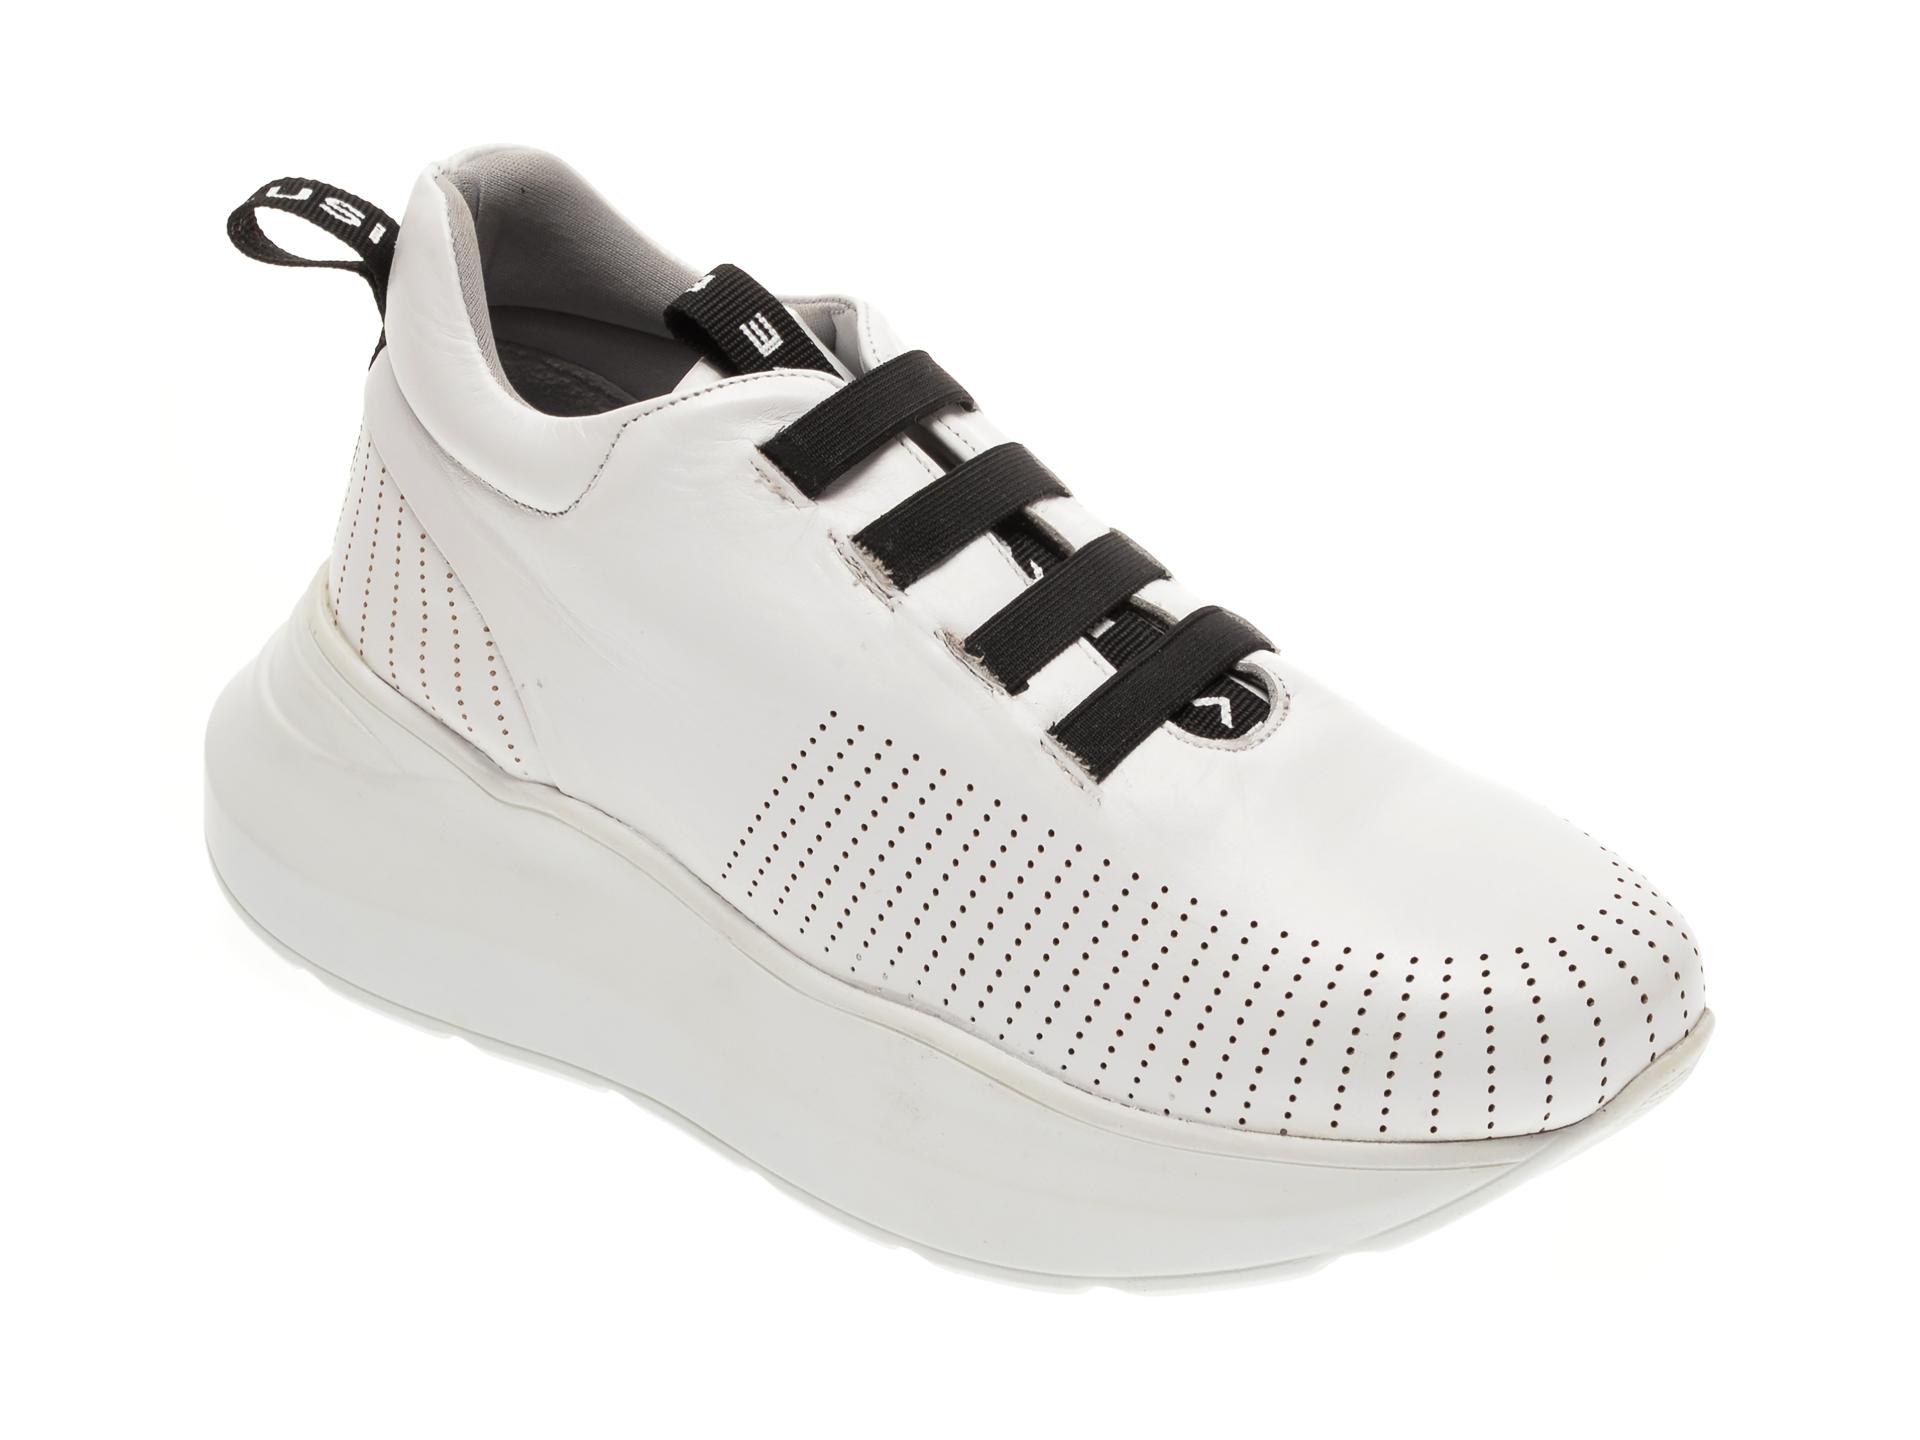 Pantofi BABOOS albi, 1302, din piele naturala